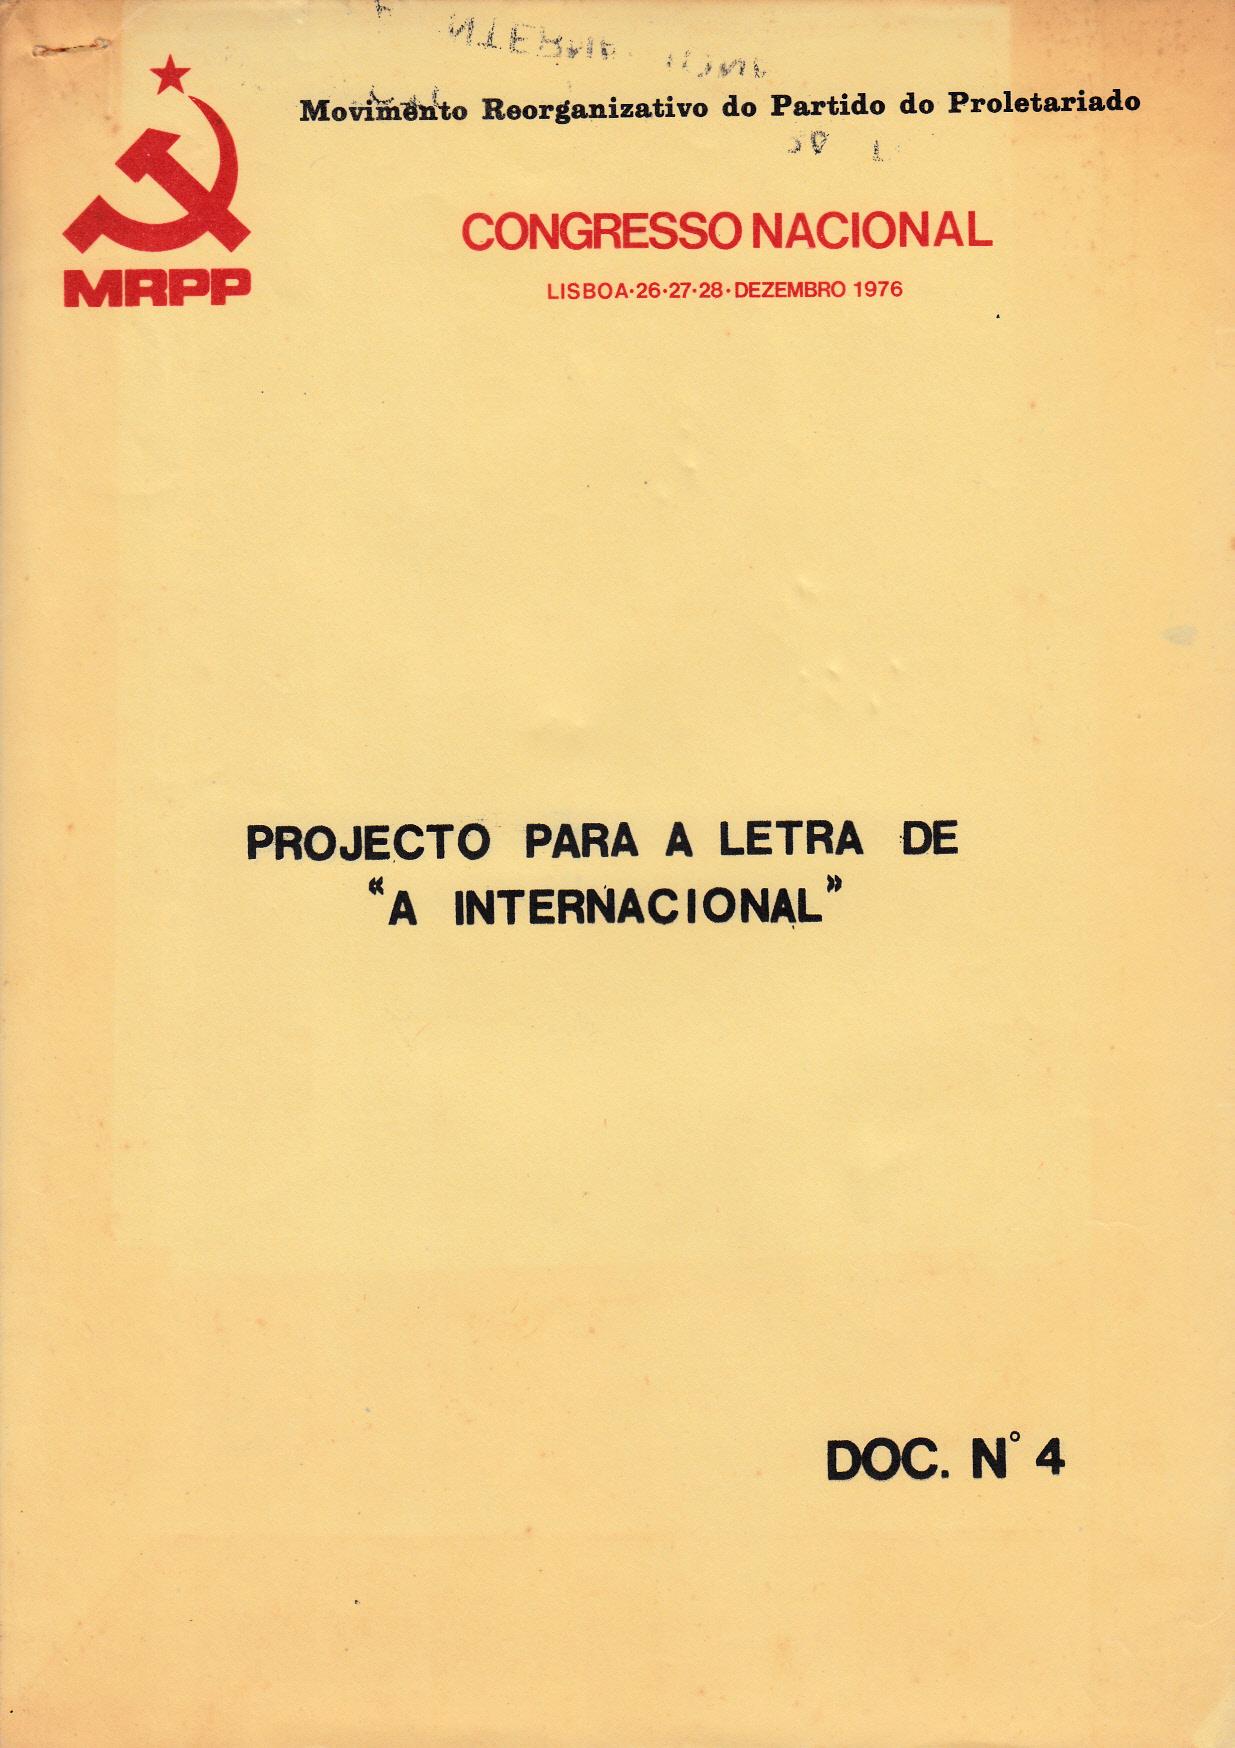 MRPP_1976_12_26_cn6